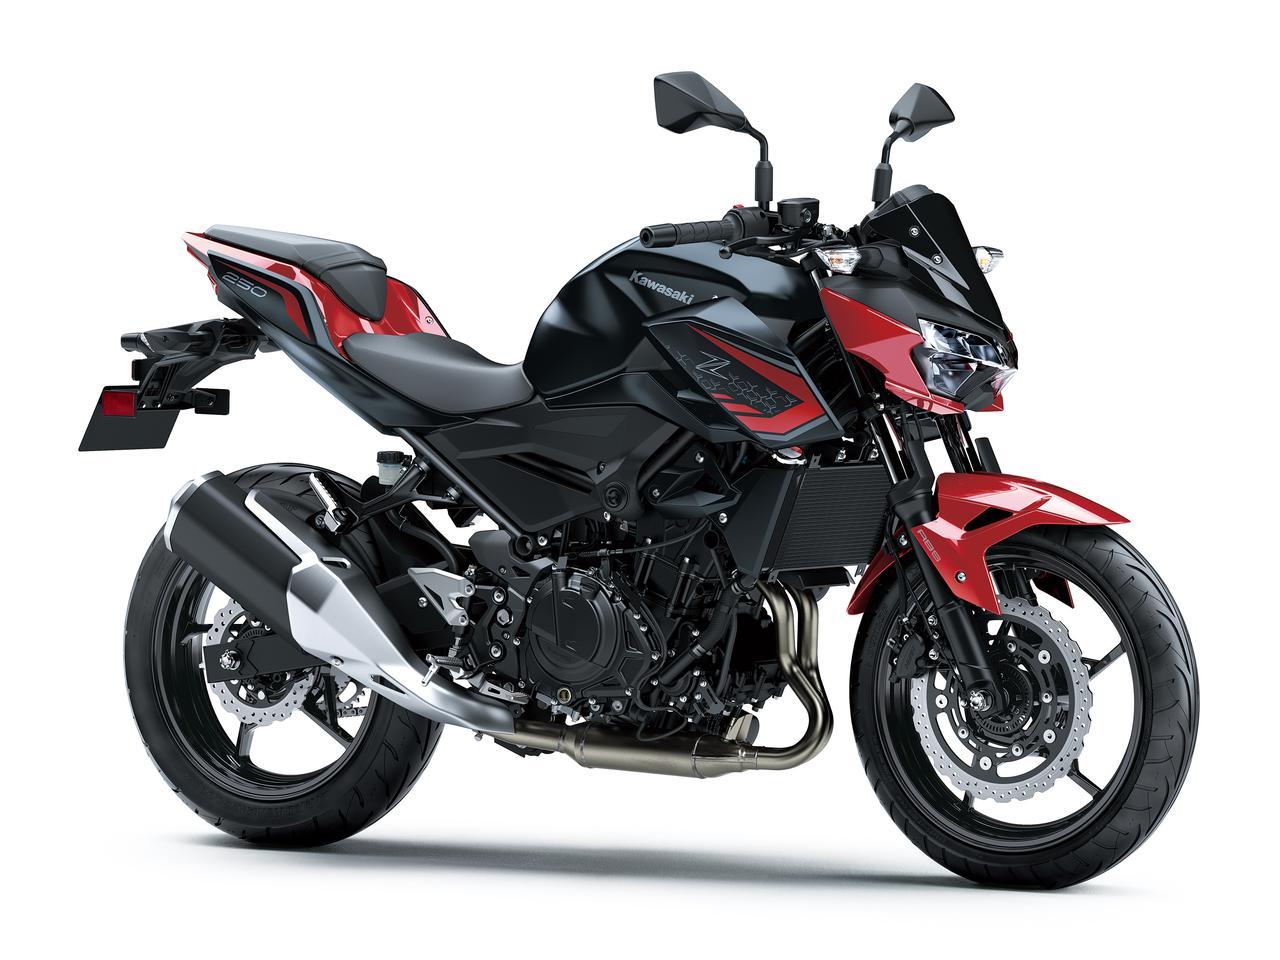 画像3: カワサキ「Z250」2022年モデル発売! スーパーネイキッド・Zシリーズの250ccモデルが新色に